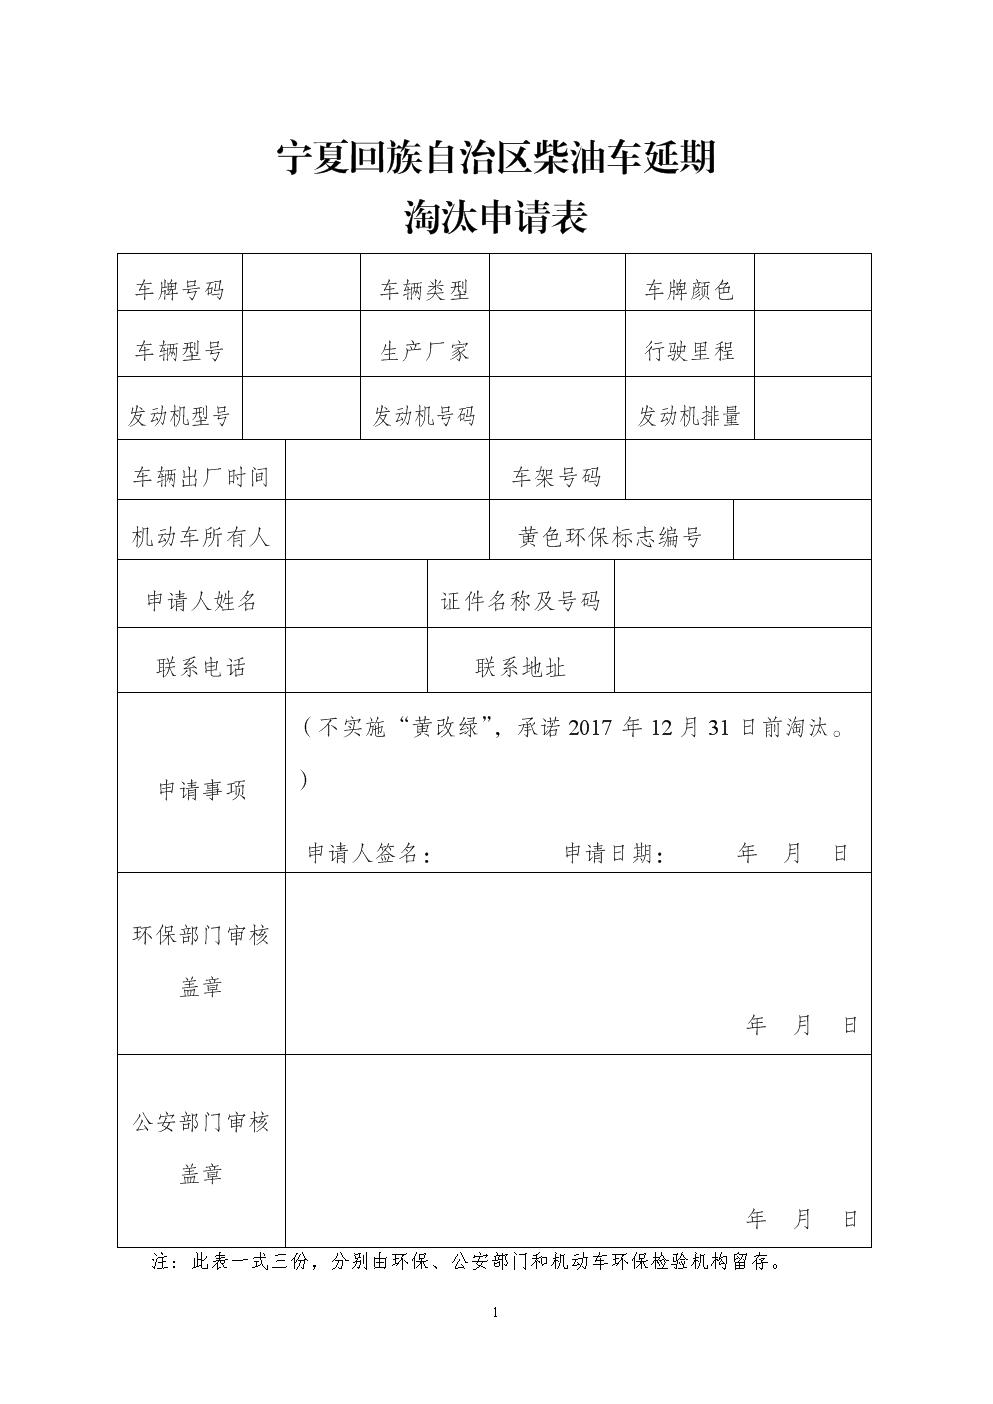 宁夏回族自治区柴油车延期.doc